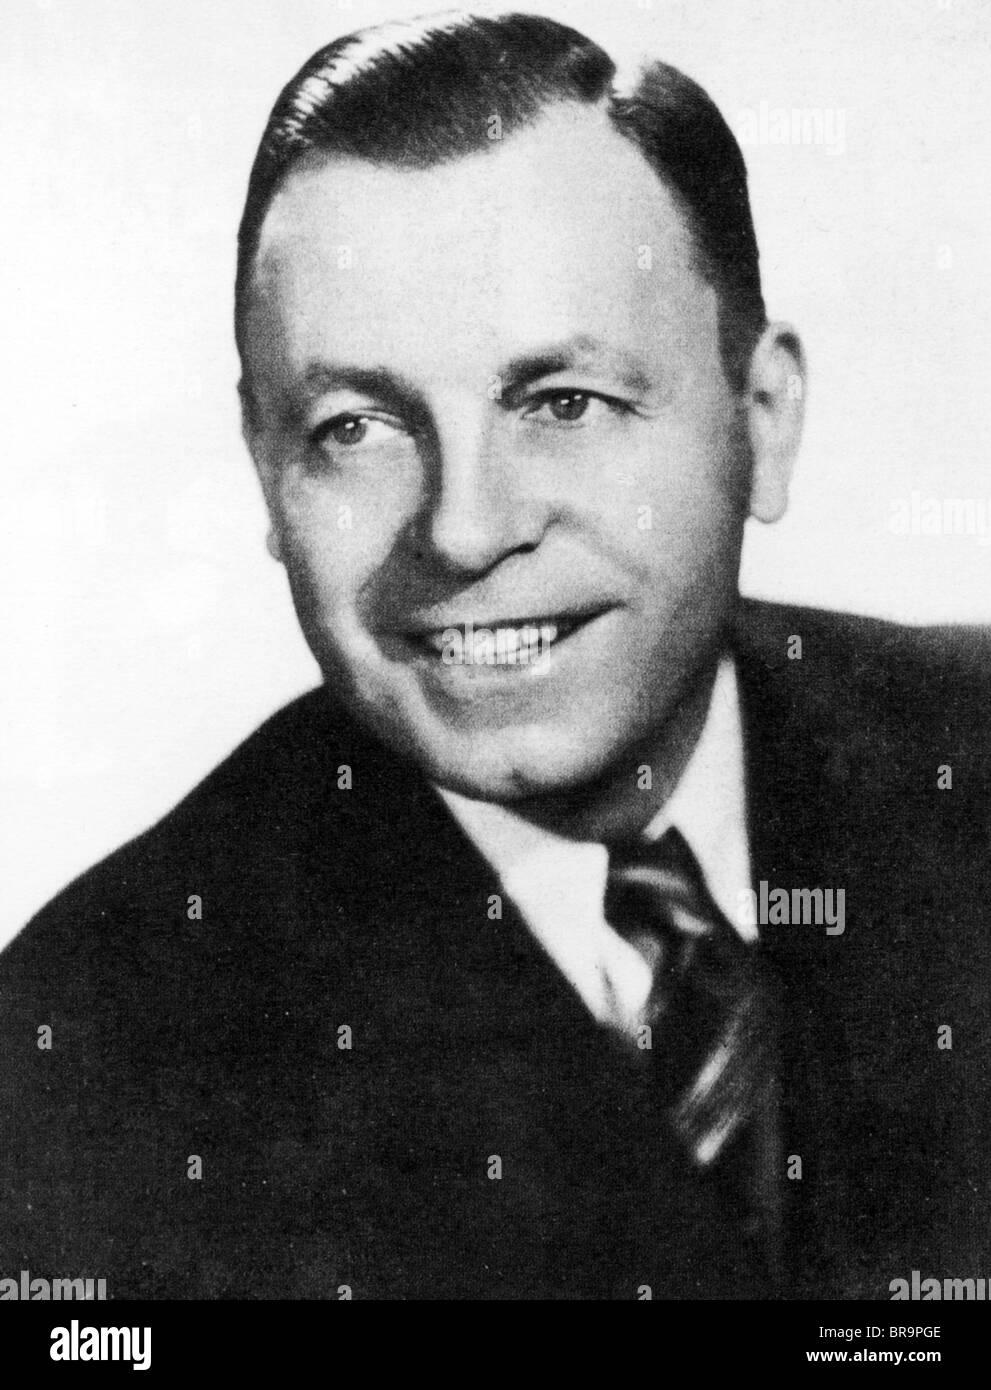 JIMMIE DAVIS - noi paese musicista e uomo politico (1899-2000) Immagini Stock